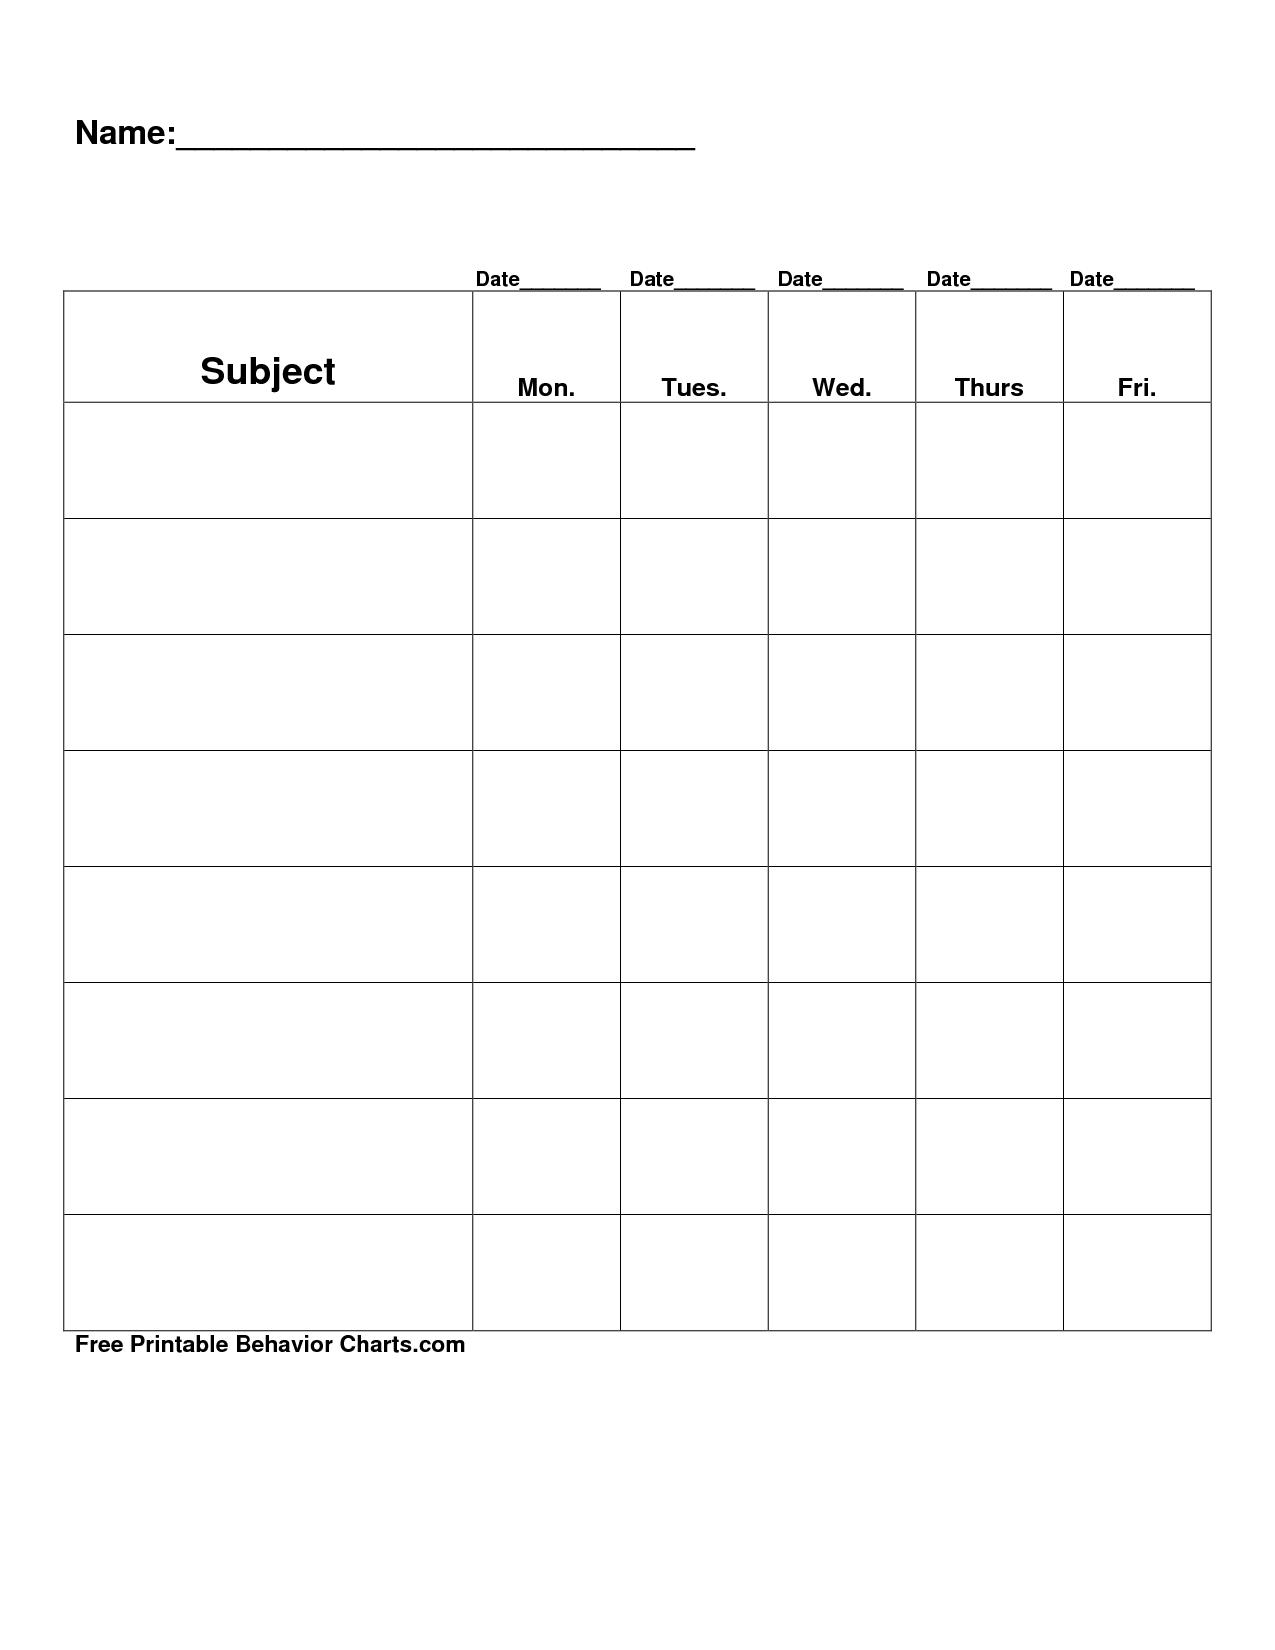 Free Printable Blank Charts | Free Printable Behavior Charts Com - Free Printable Charts